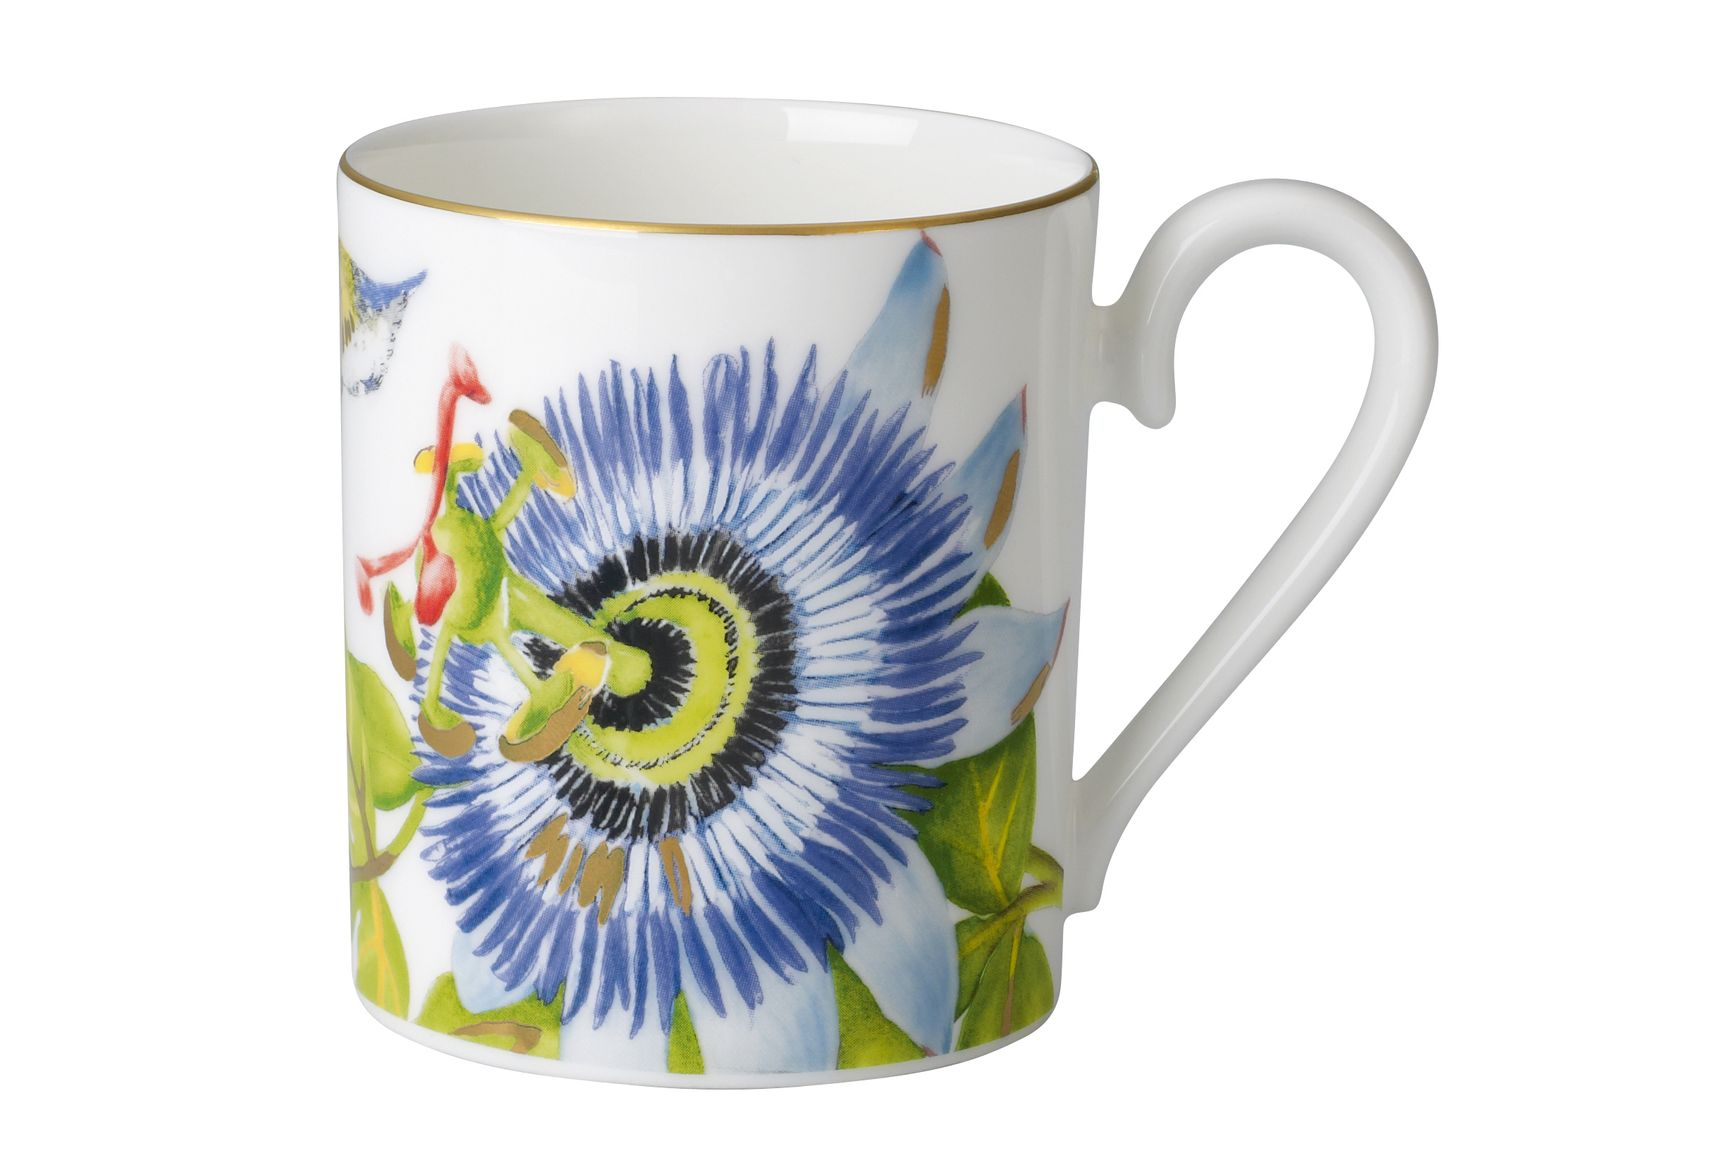 Villeroy & Boch Amazonia Mug 0.3l thumb 1